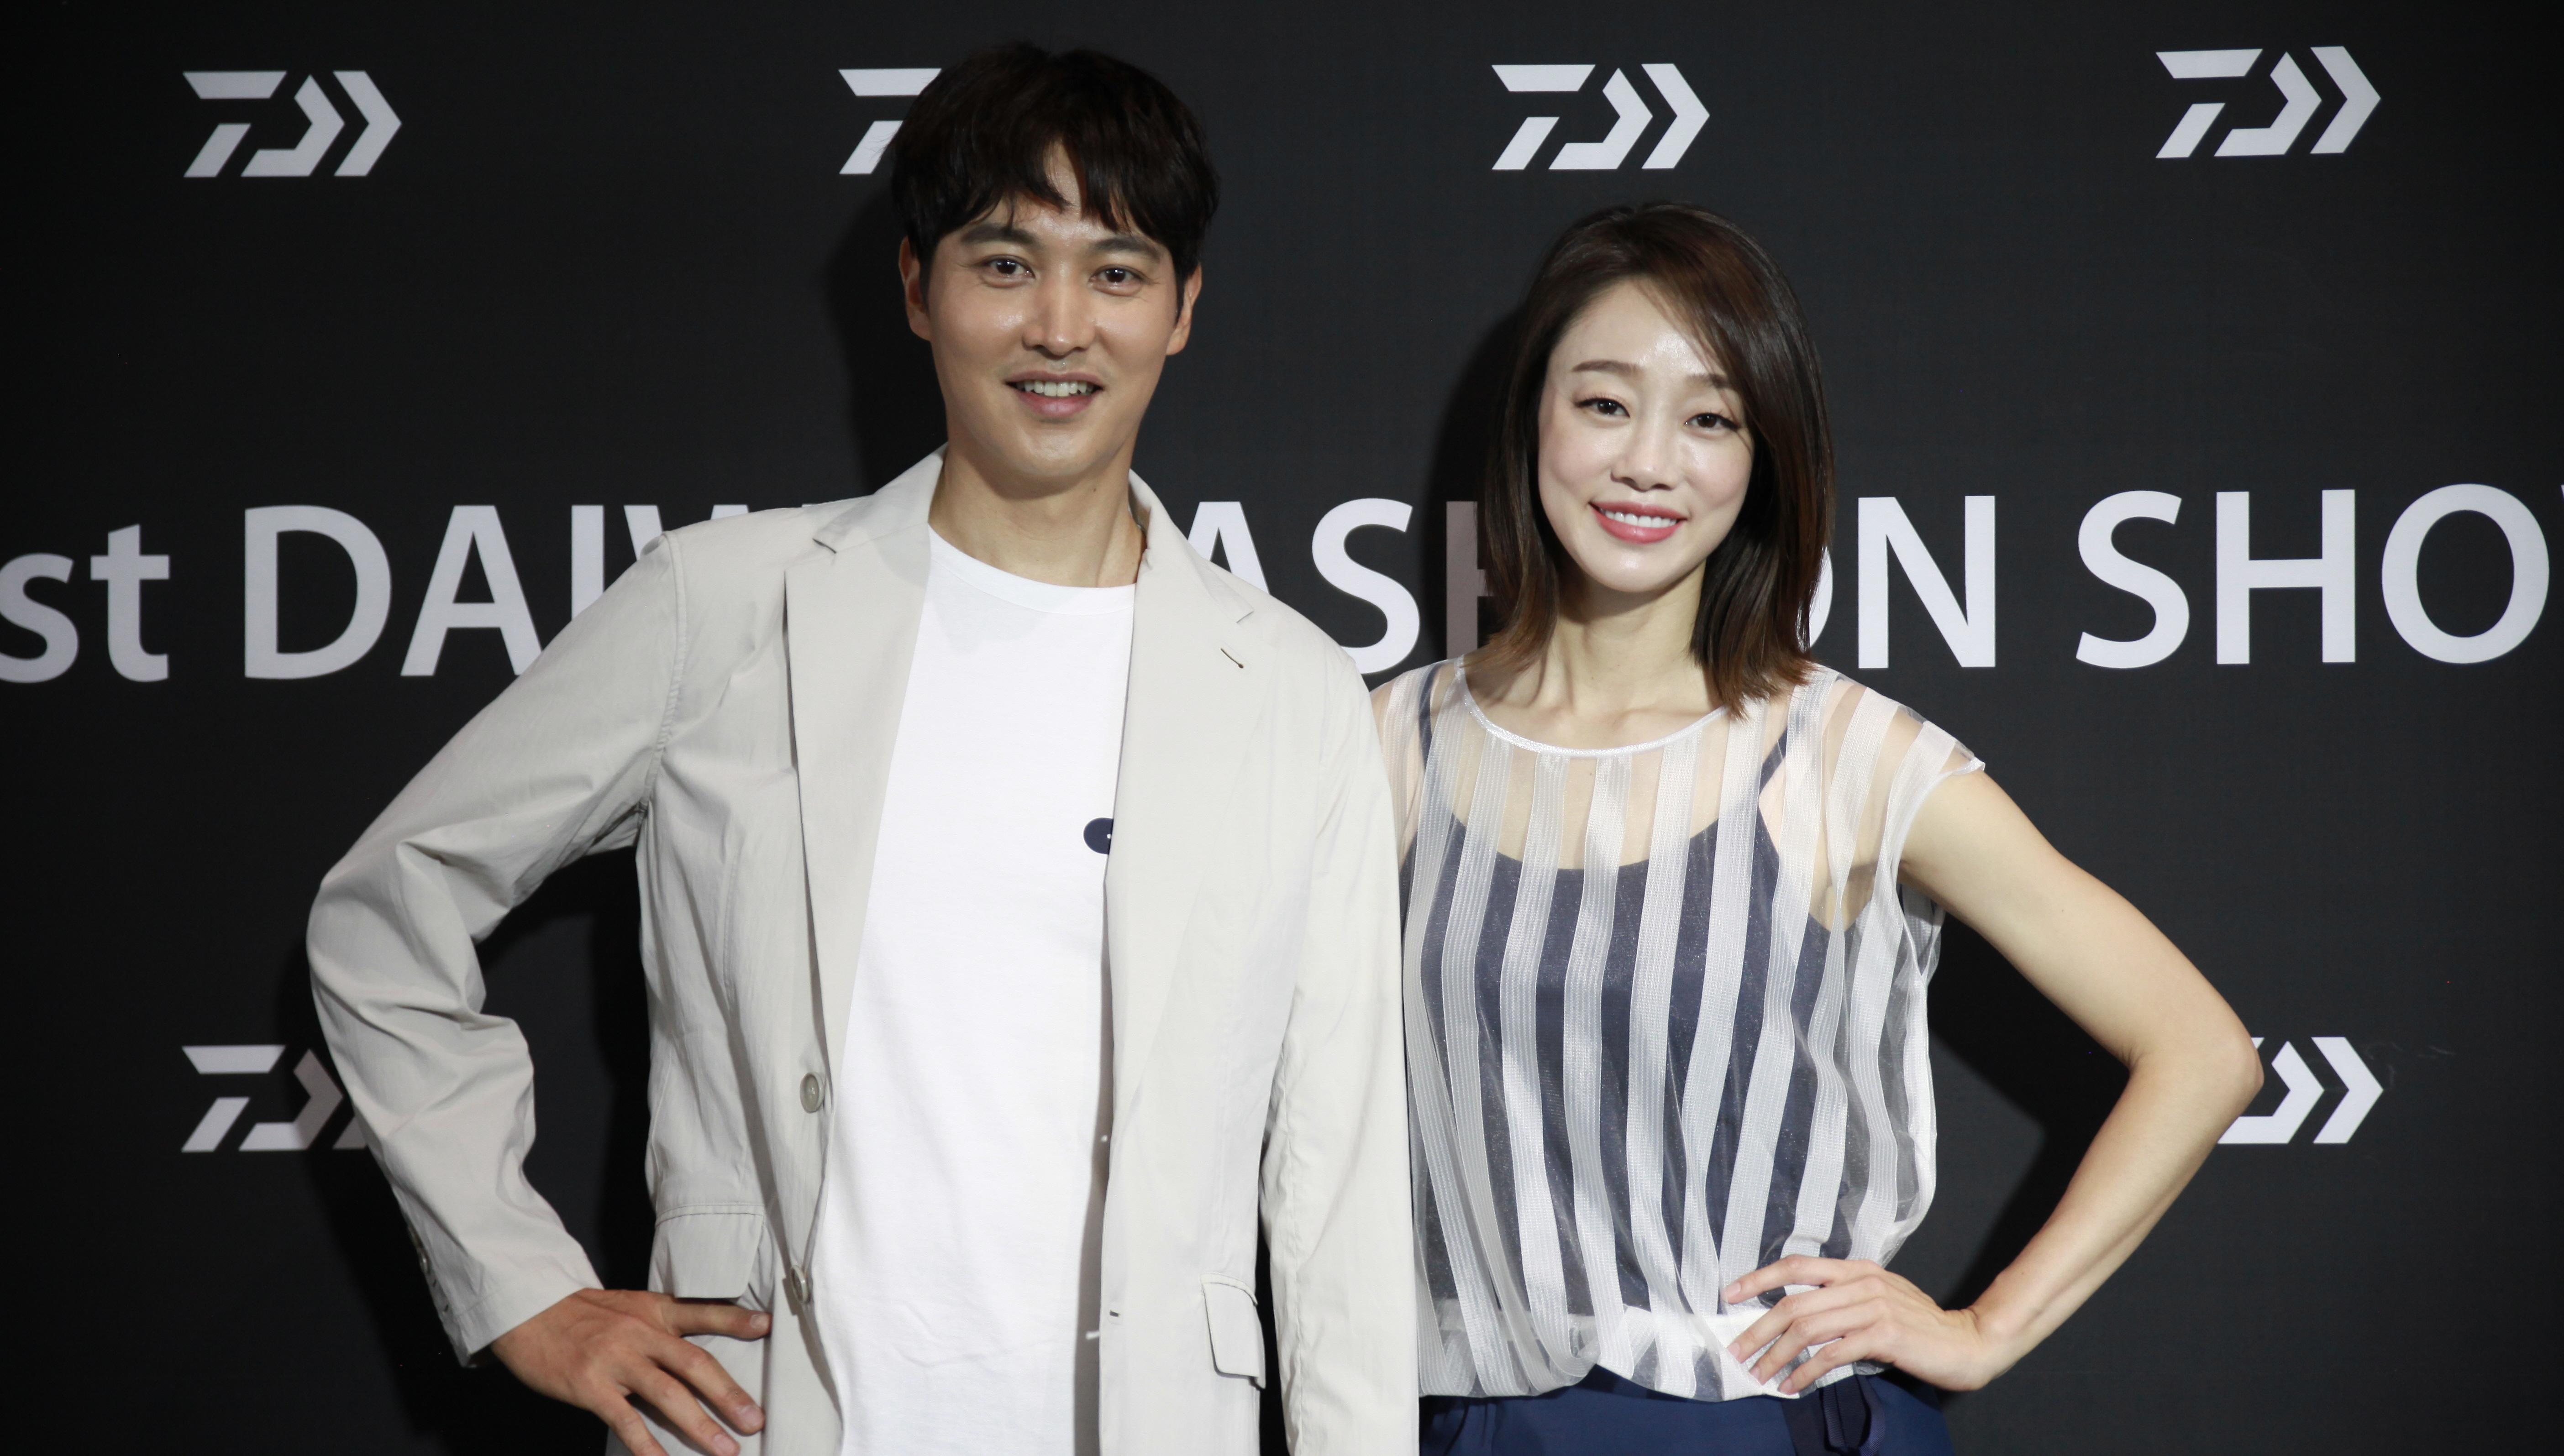 [현장포토] '제1회 다이와 패션쇼 2018' 메인 모델 최여진·송종호, 포토존서 기념촬영